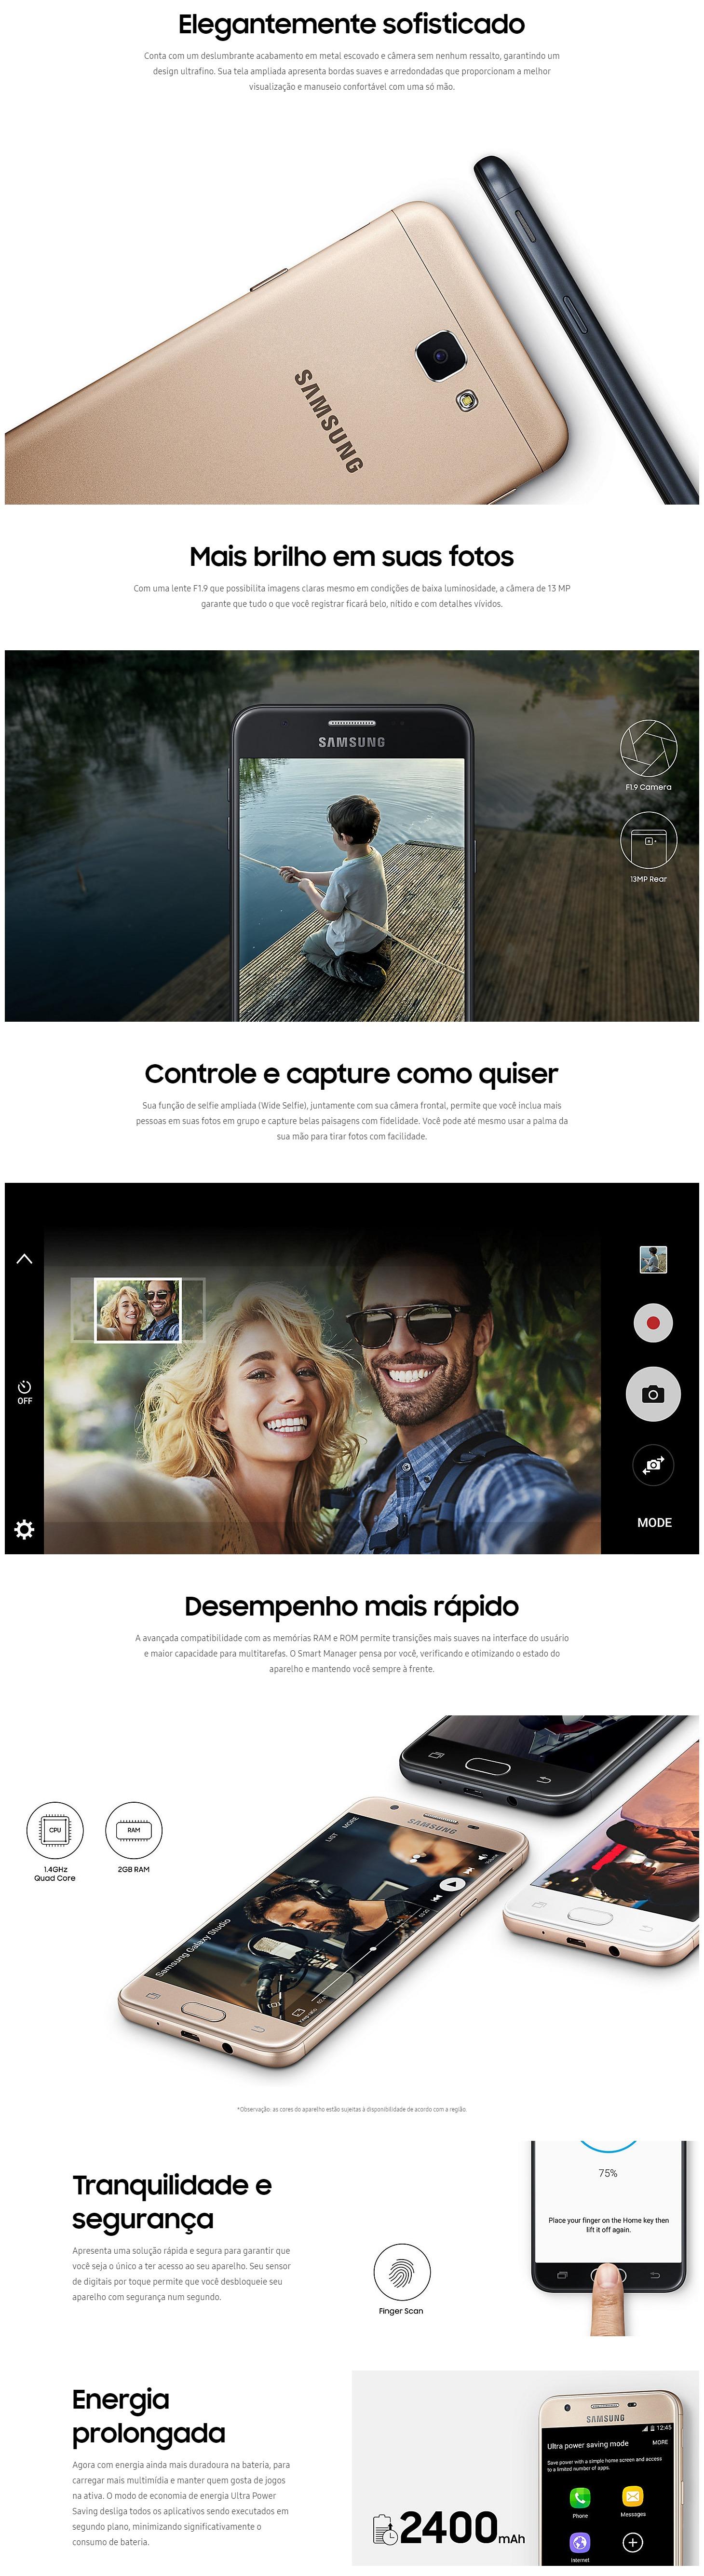 Recursos do Smartphone Samsung Galaxy J5 Prime 32GB Dual Chip 4G Tela 5 Câmera 13MP Selfie 5MP Android 6.0